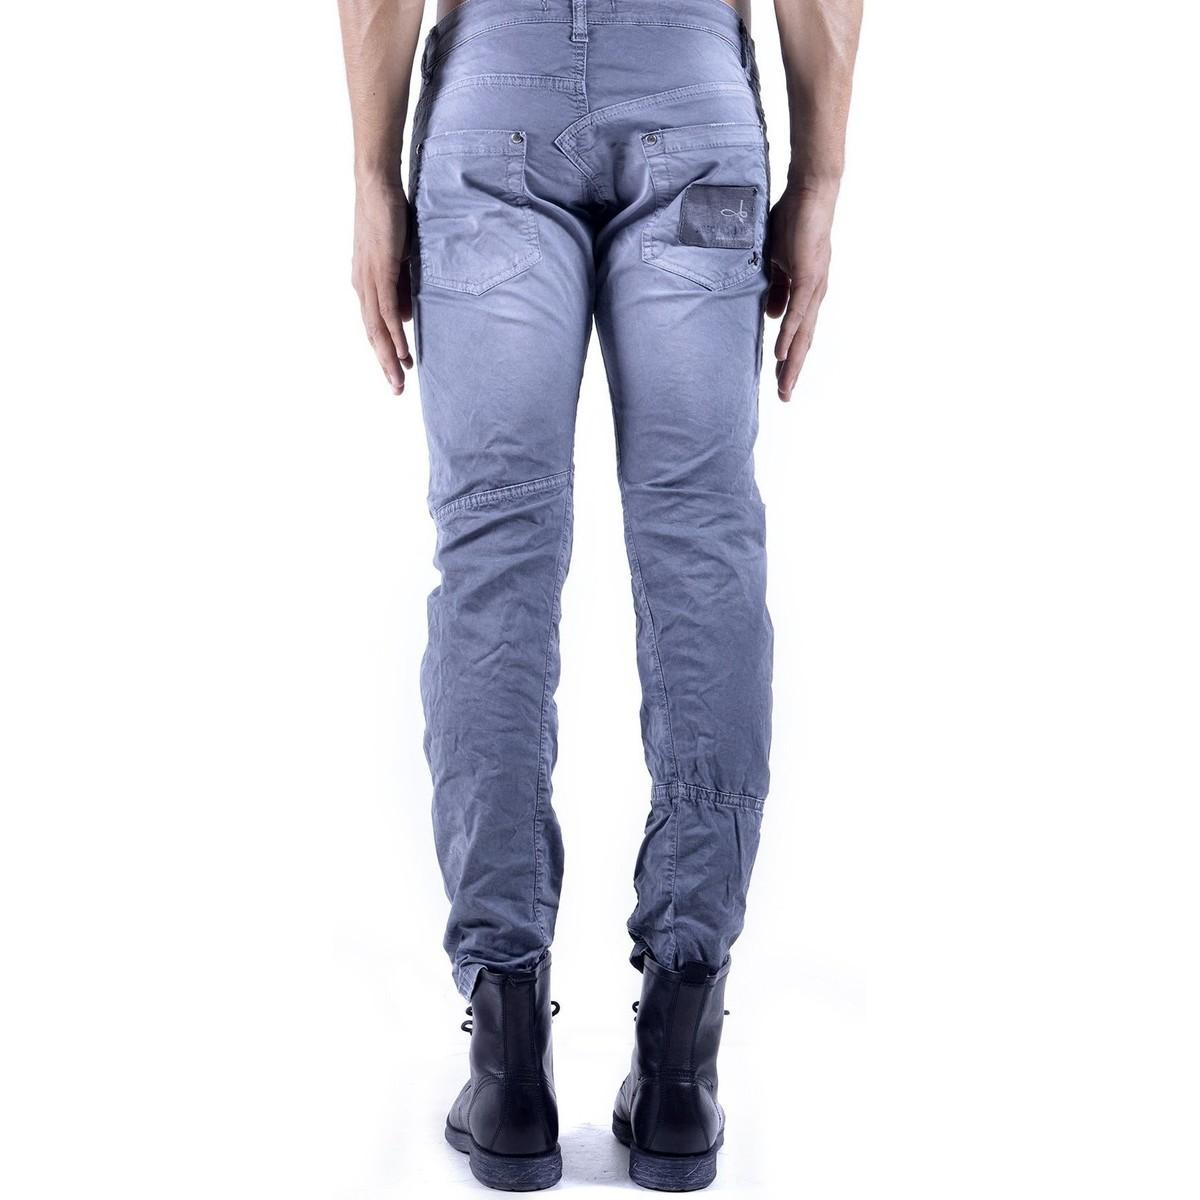 Absolut Joy Denim Gr_71241 Men's Jeans In Other in Blue for Men